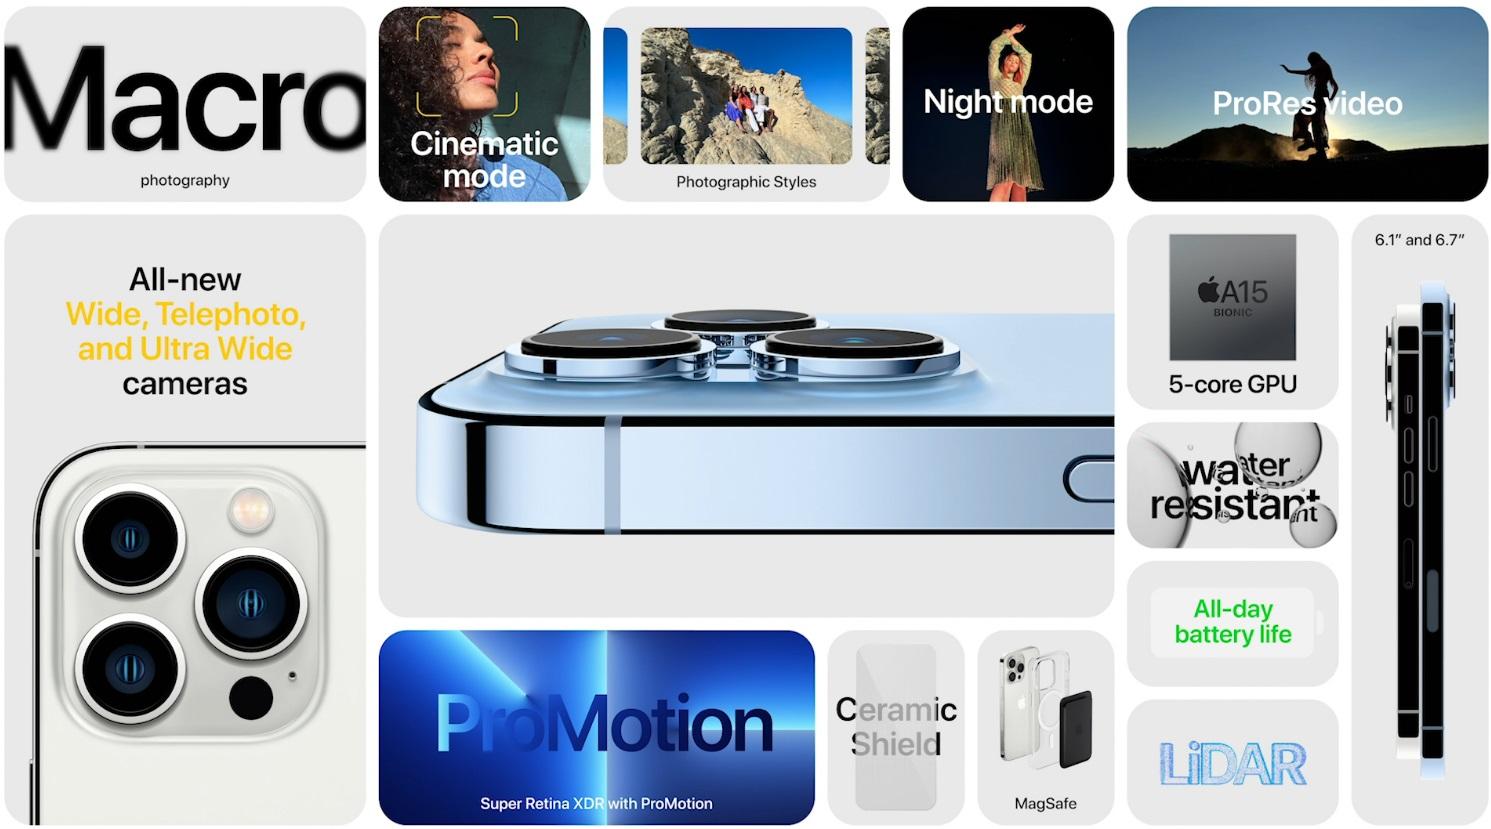 ip13-pro-features-big.jpg